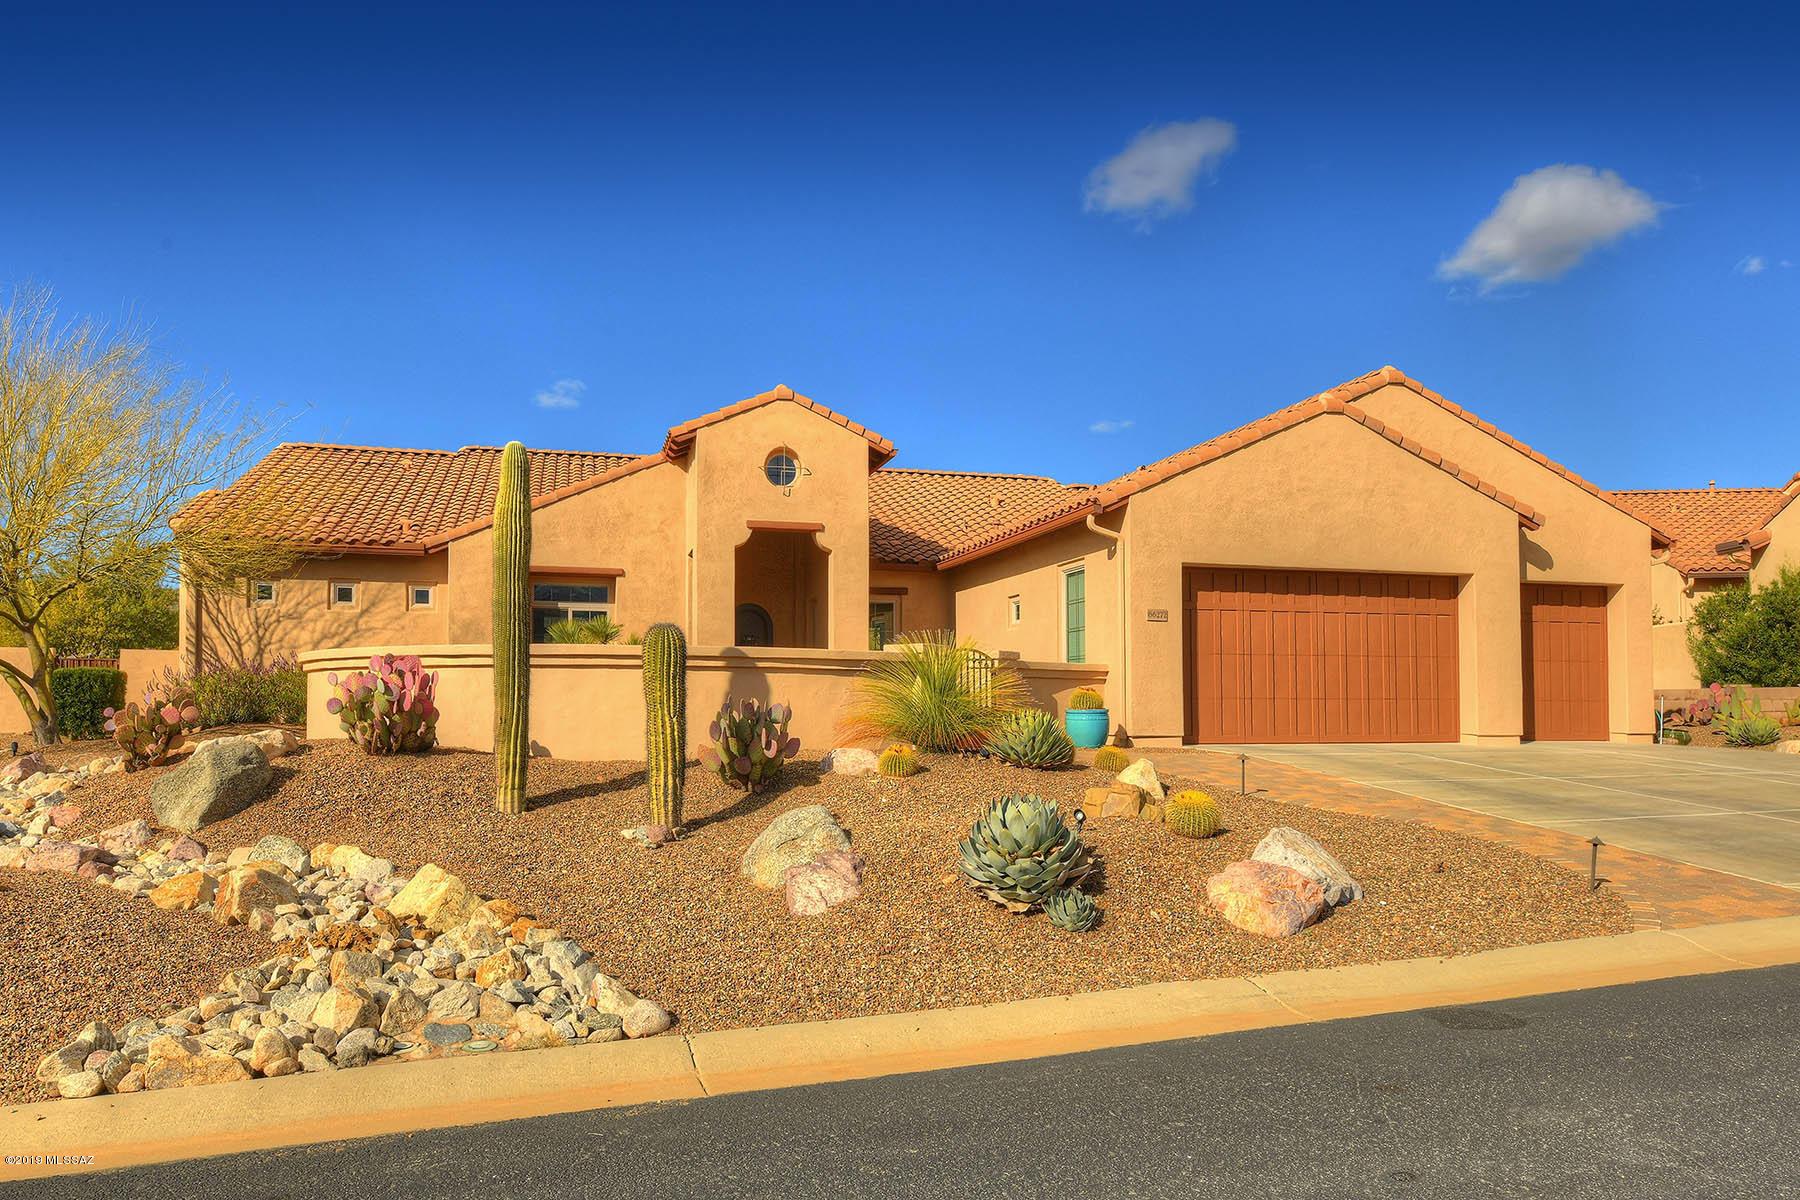 Photo of 66272 E Oracle Ridge Road, Tucson, AZ 85739